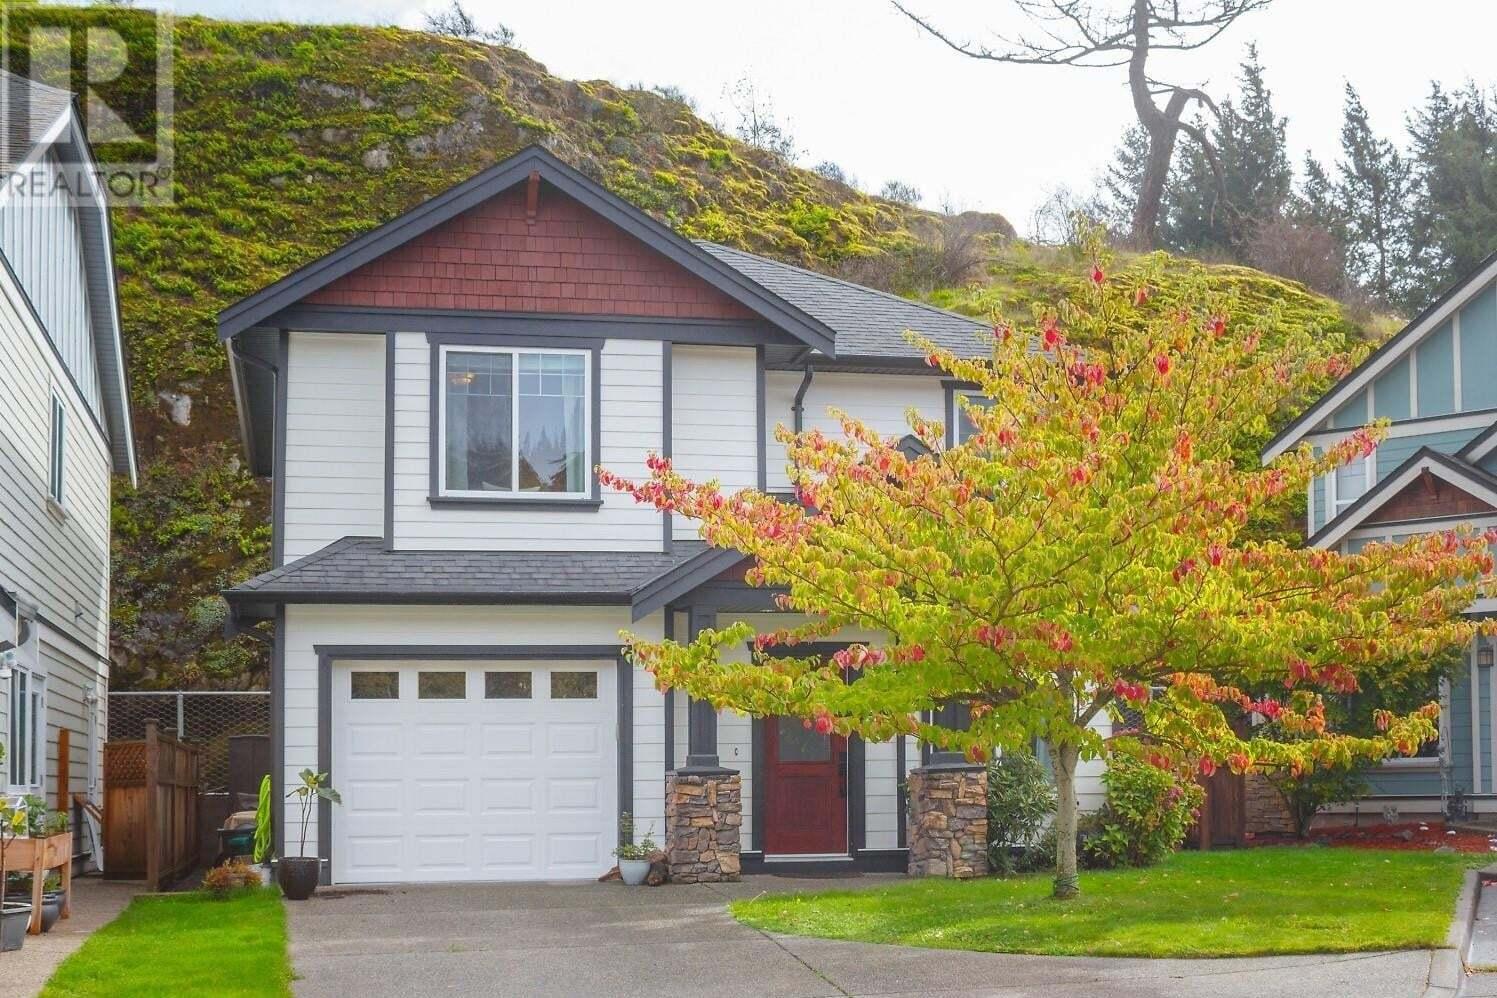 House for sale at 3719 Cornus Ct Langford British Columbia - MLS: 858815